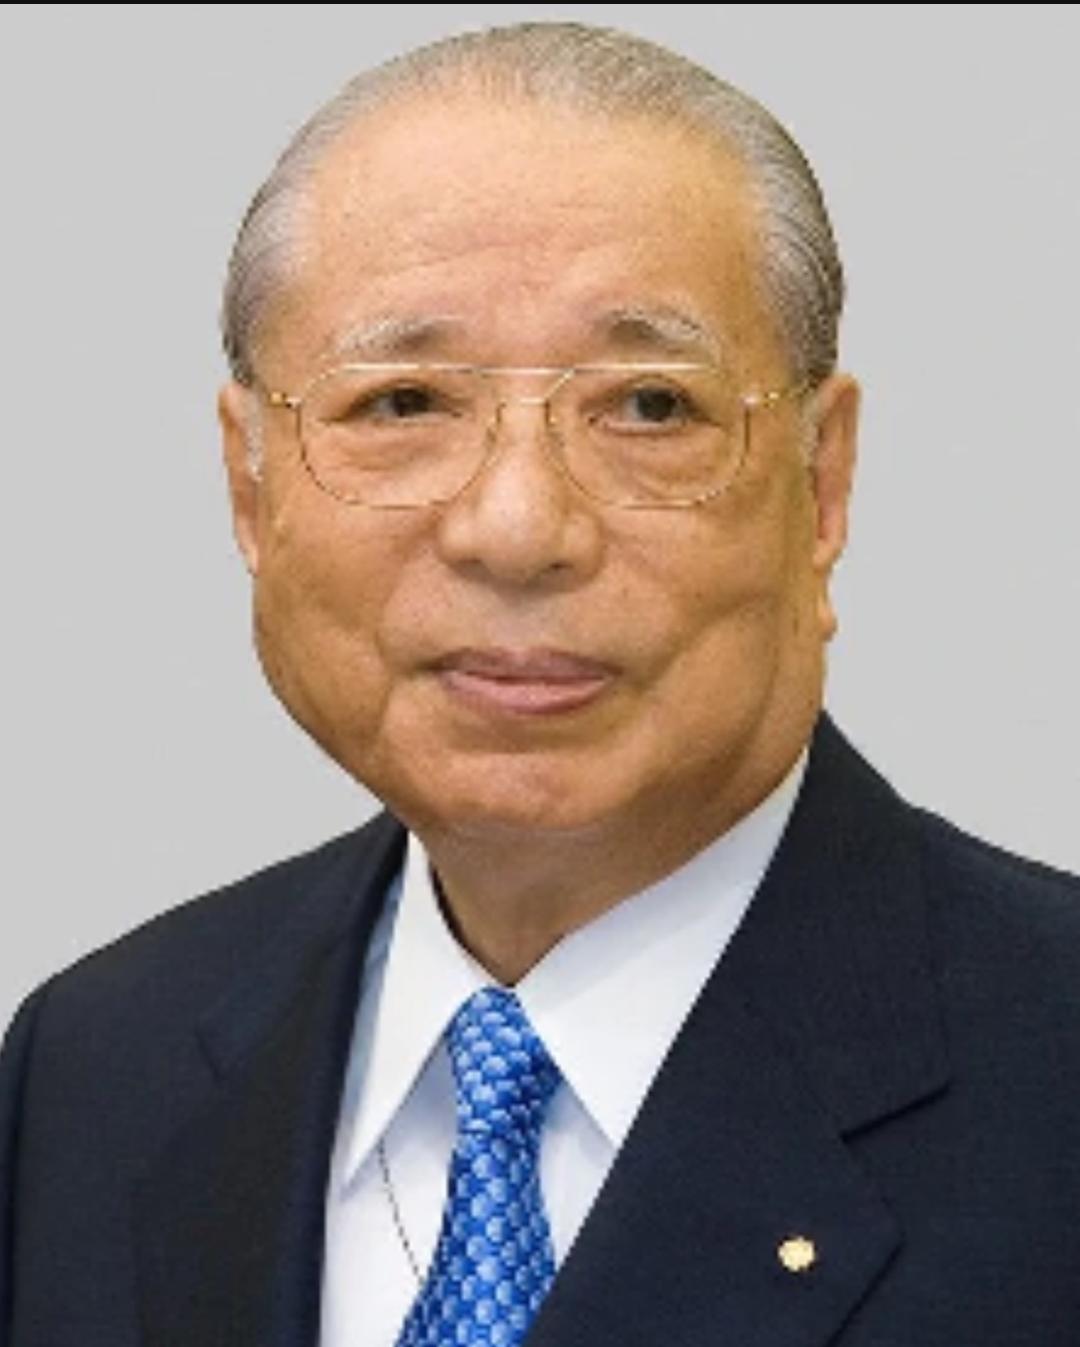 池田 大作 2020 要旨を読む 提言を読む 2020年のSGI提言 池田SGI会長の提言